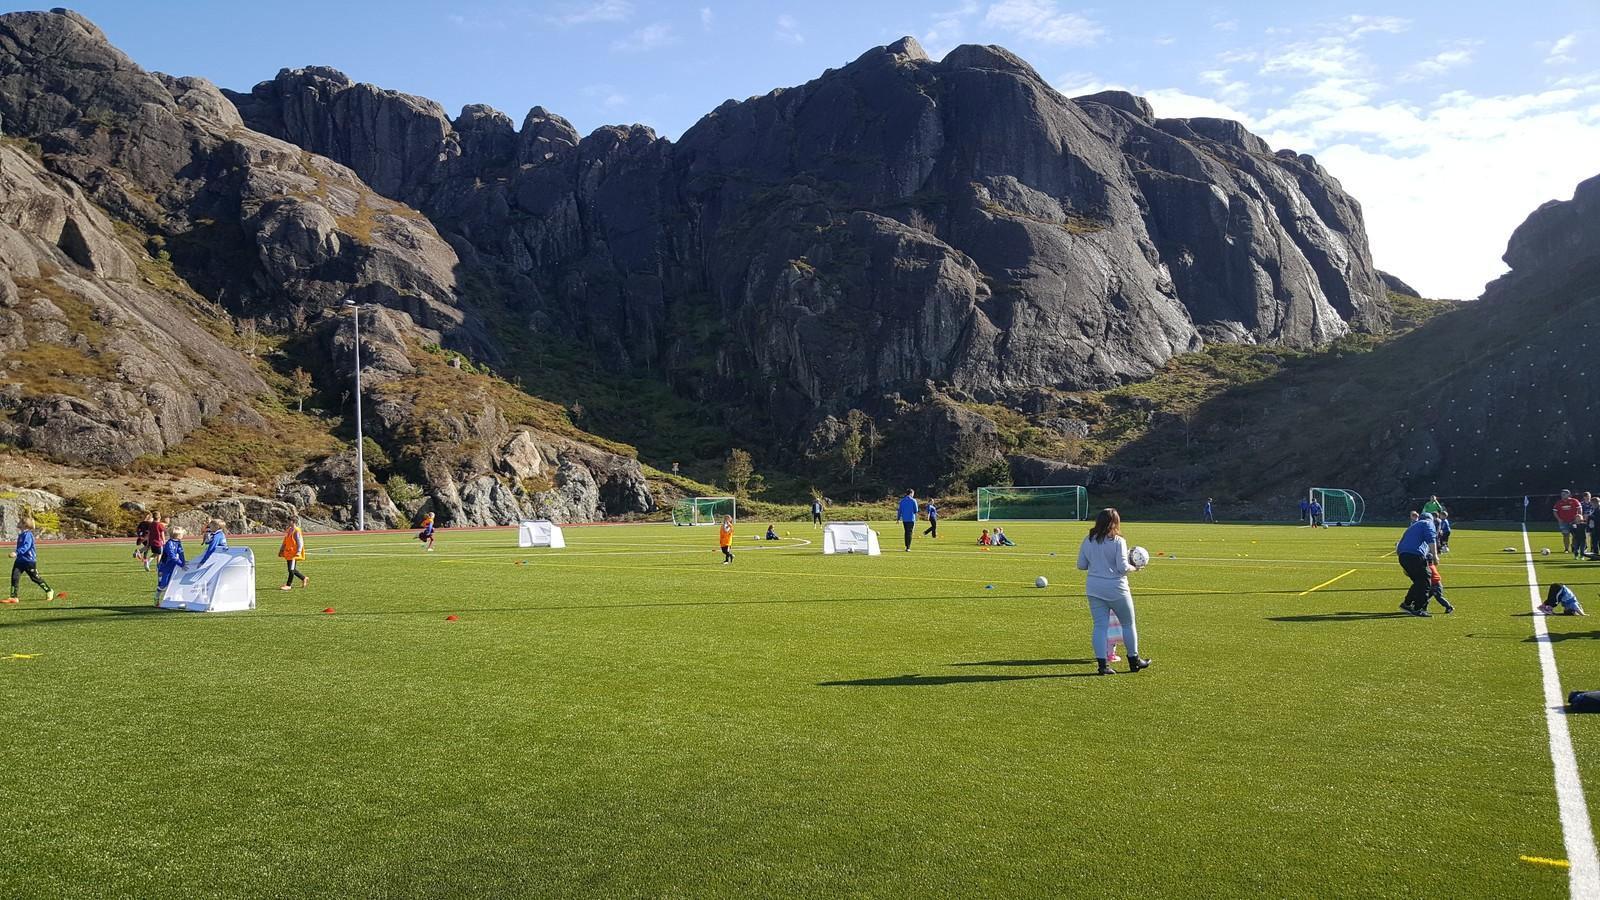 FOTBALLSKULE: I løpet av dagen arrangerte Sogn og Fjordane fotballkrets fotballskule for dei unge.